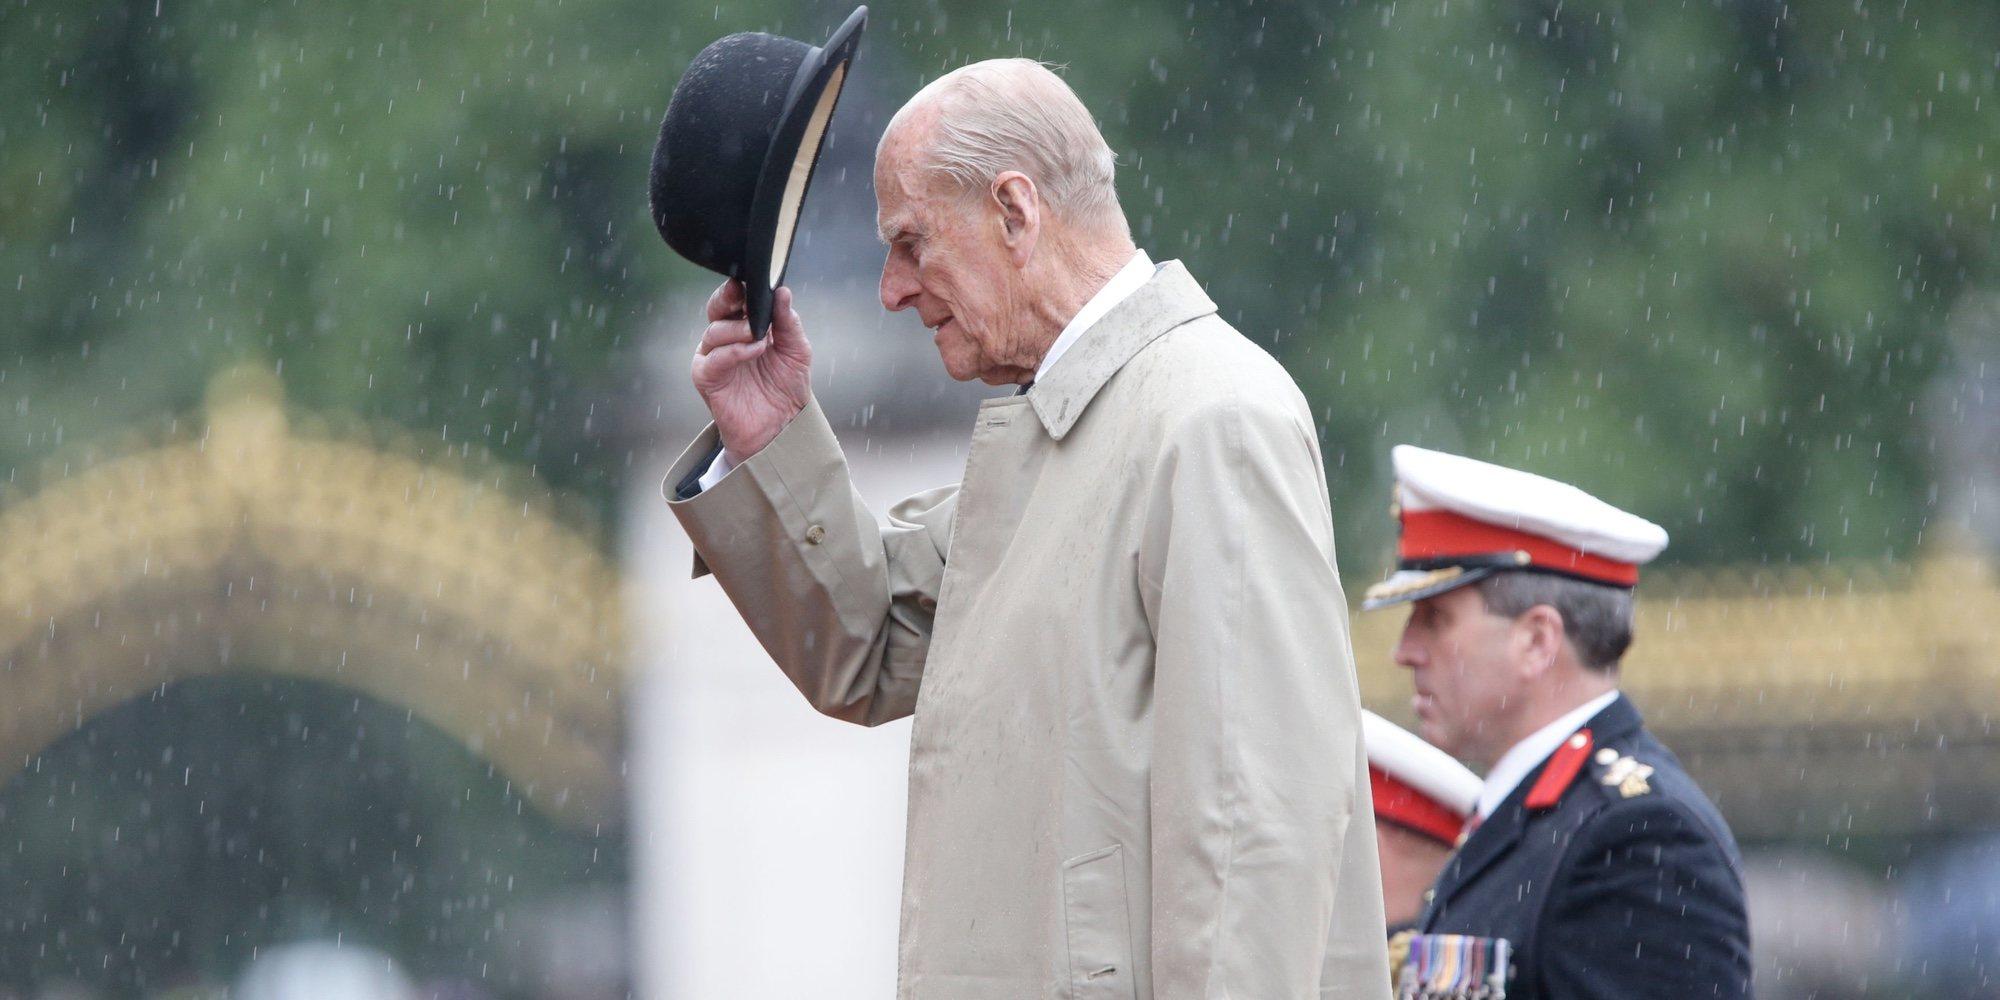 El homenaje al Duque de Edimburgo por su centenario que sigue adelante a pesar de su muerte